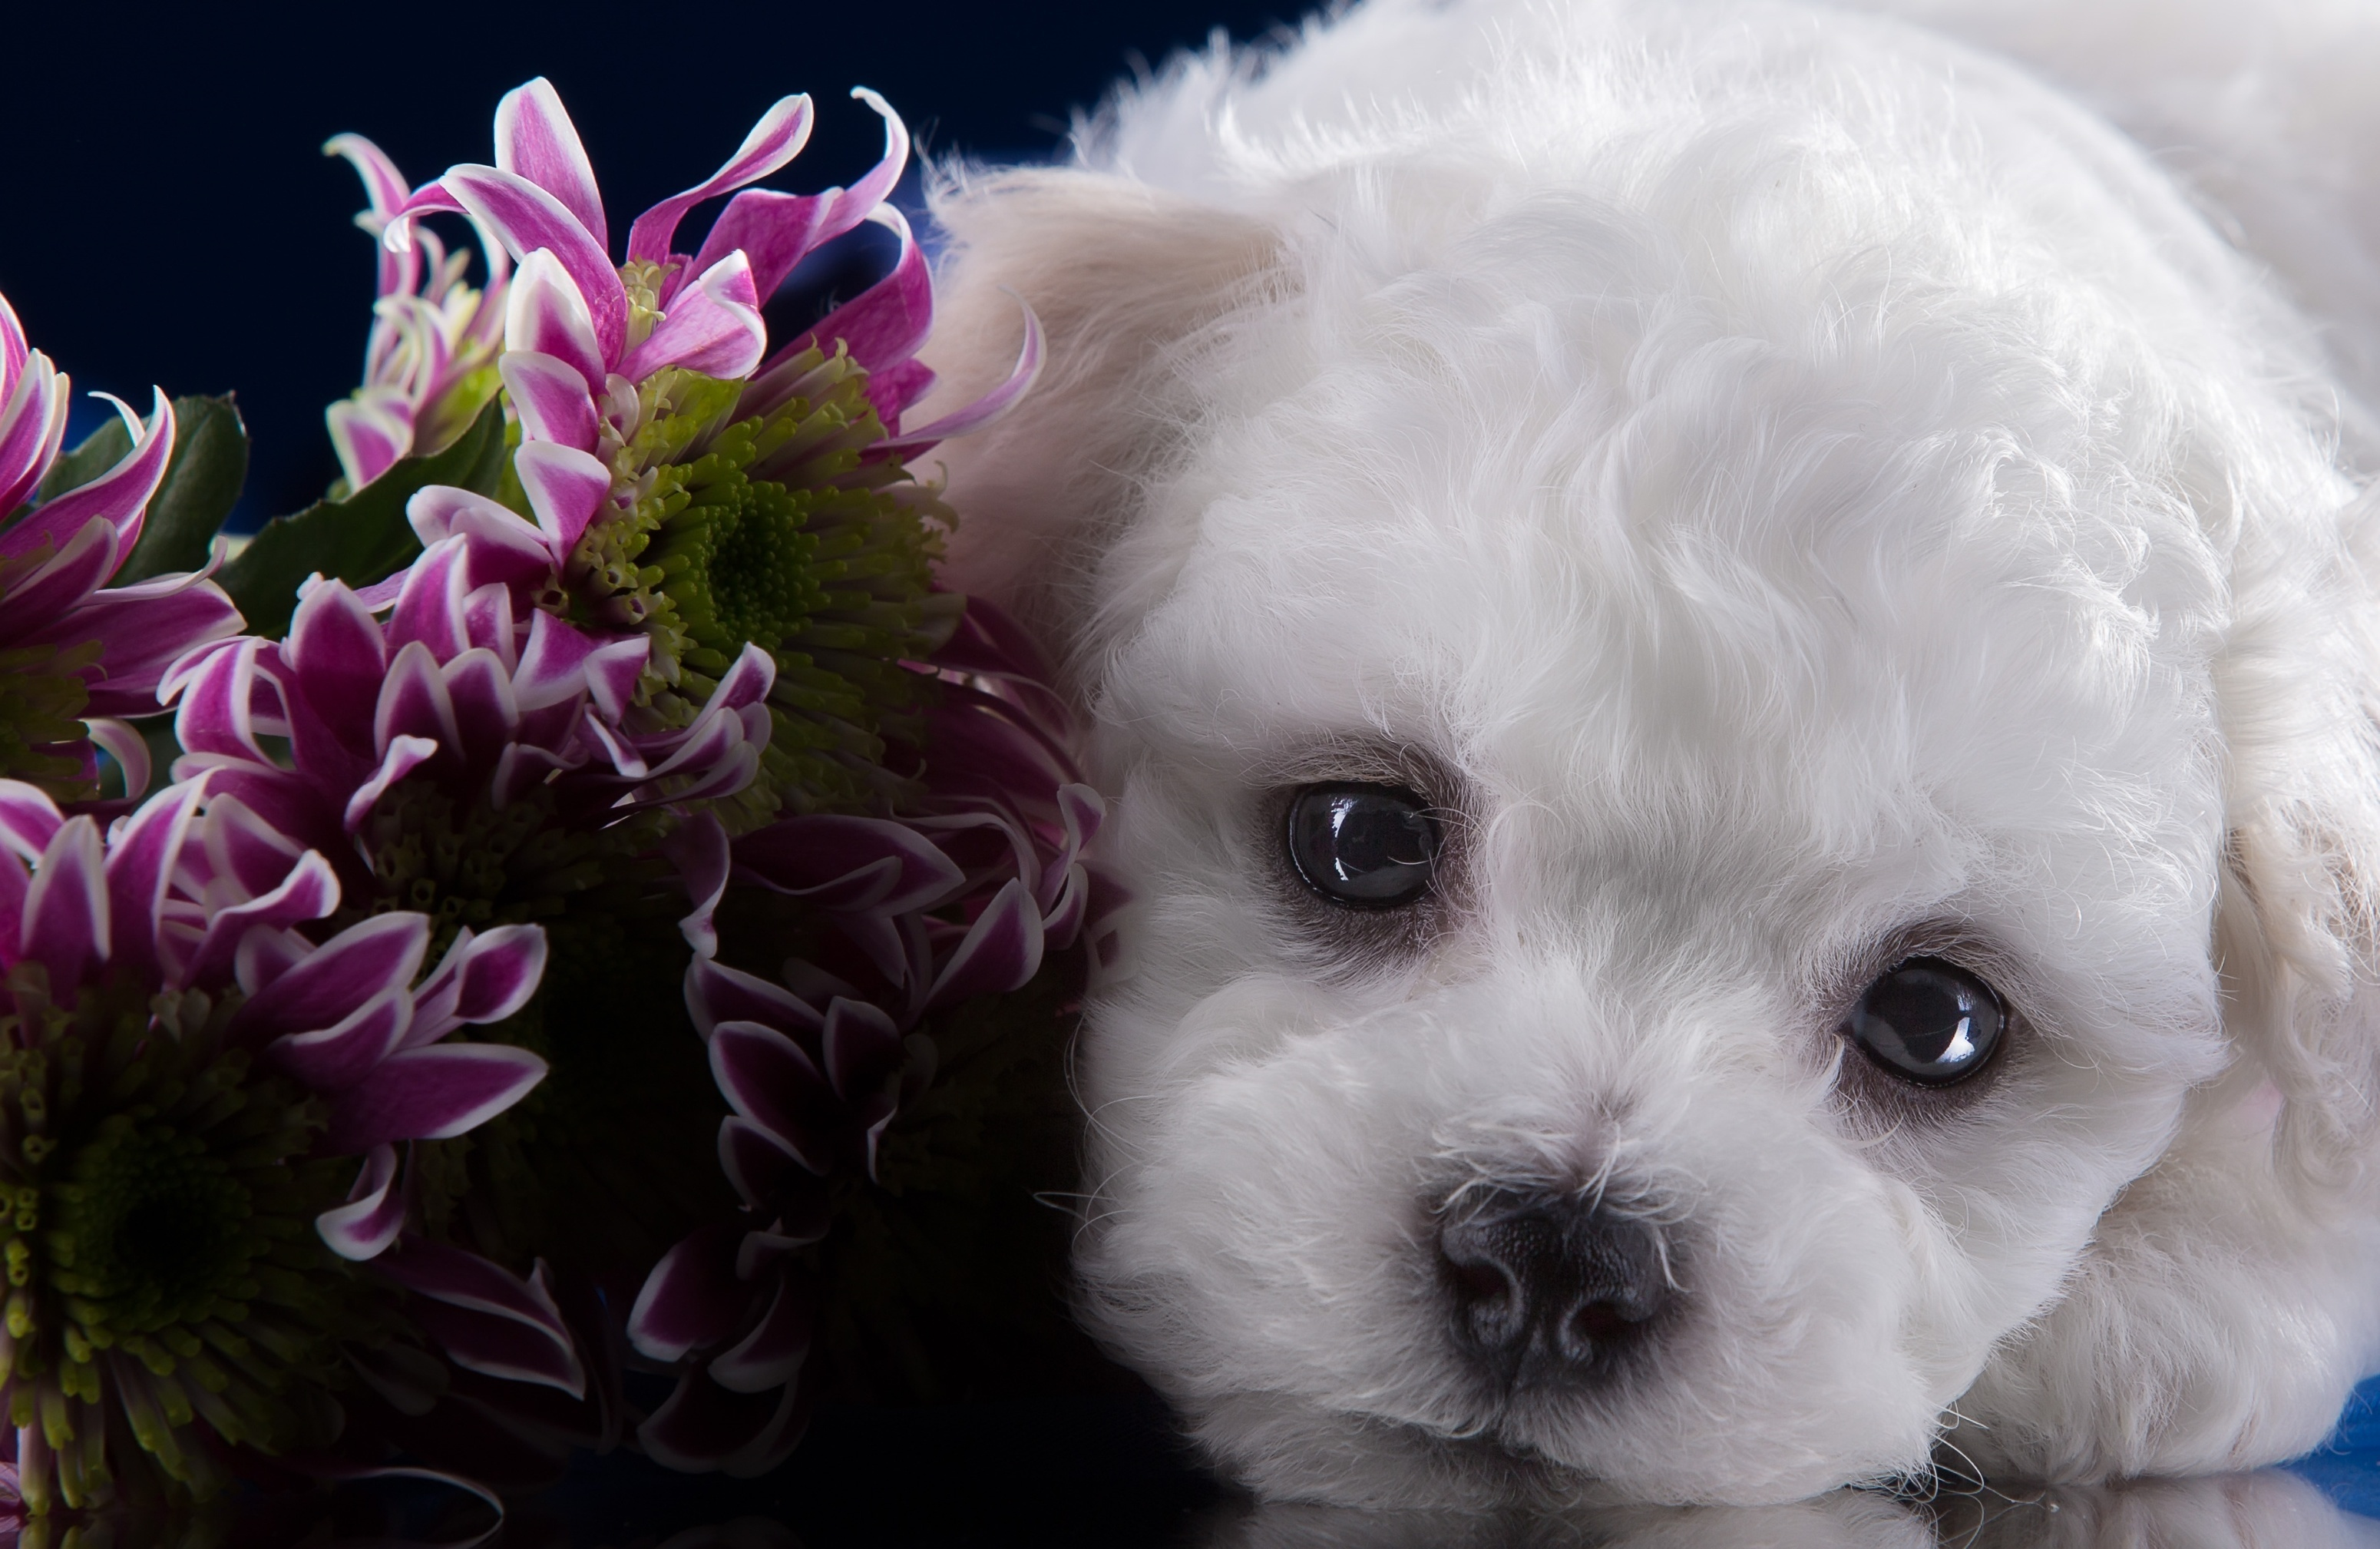 Bichon Frise Puppy Muzzle Portrait Chrysanthemum Otkrytki S Dnem Rozhdeniya S Bishonom 3100x2017 Wallpaper Teahub Io